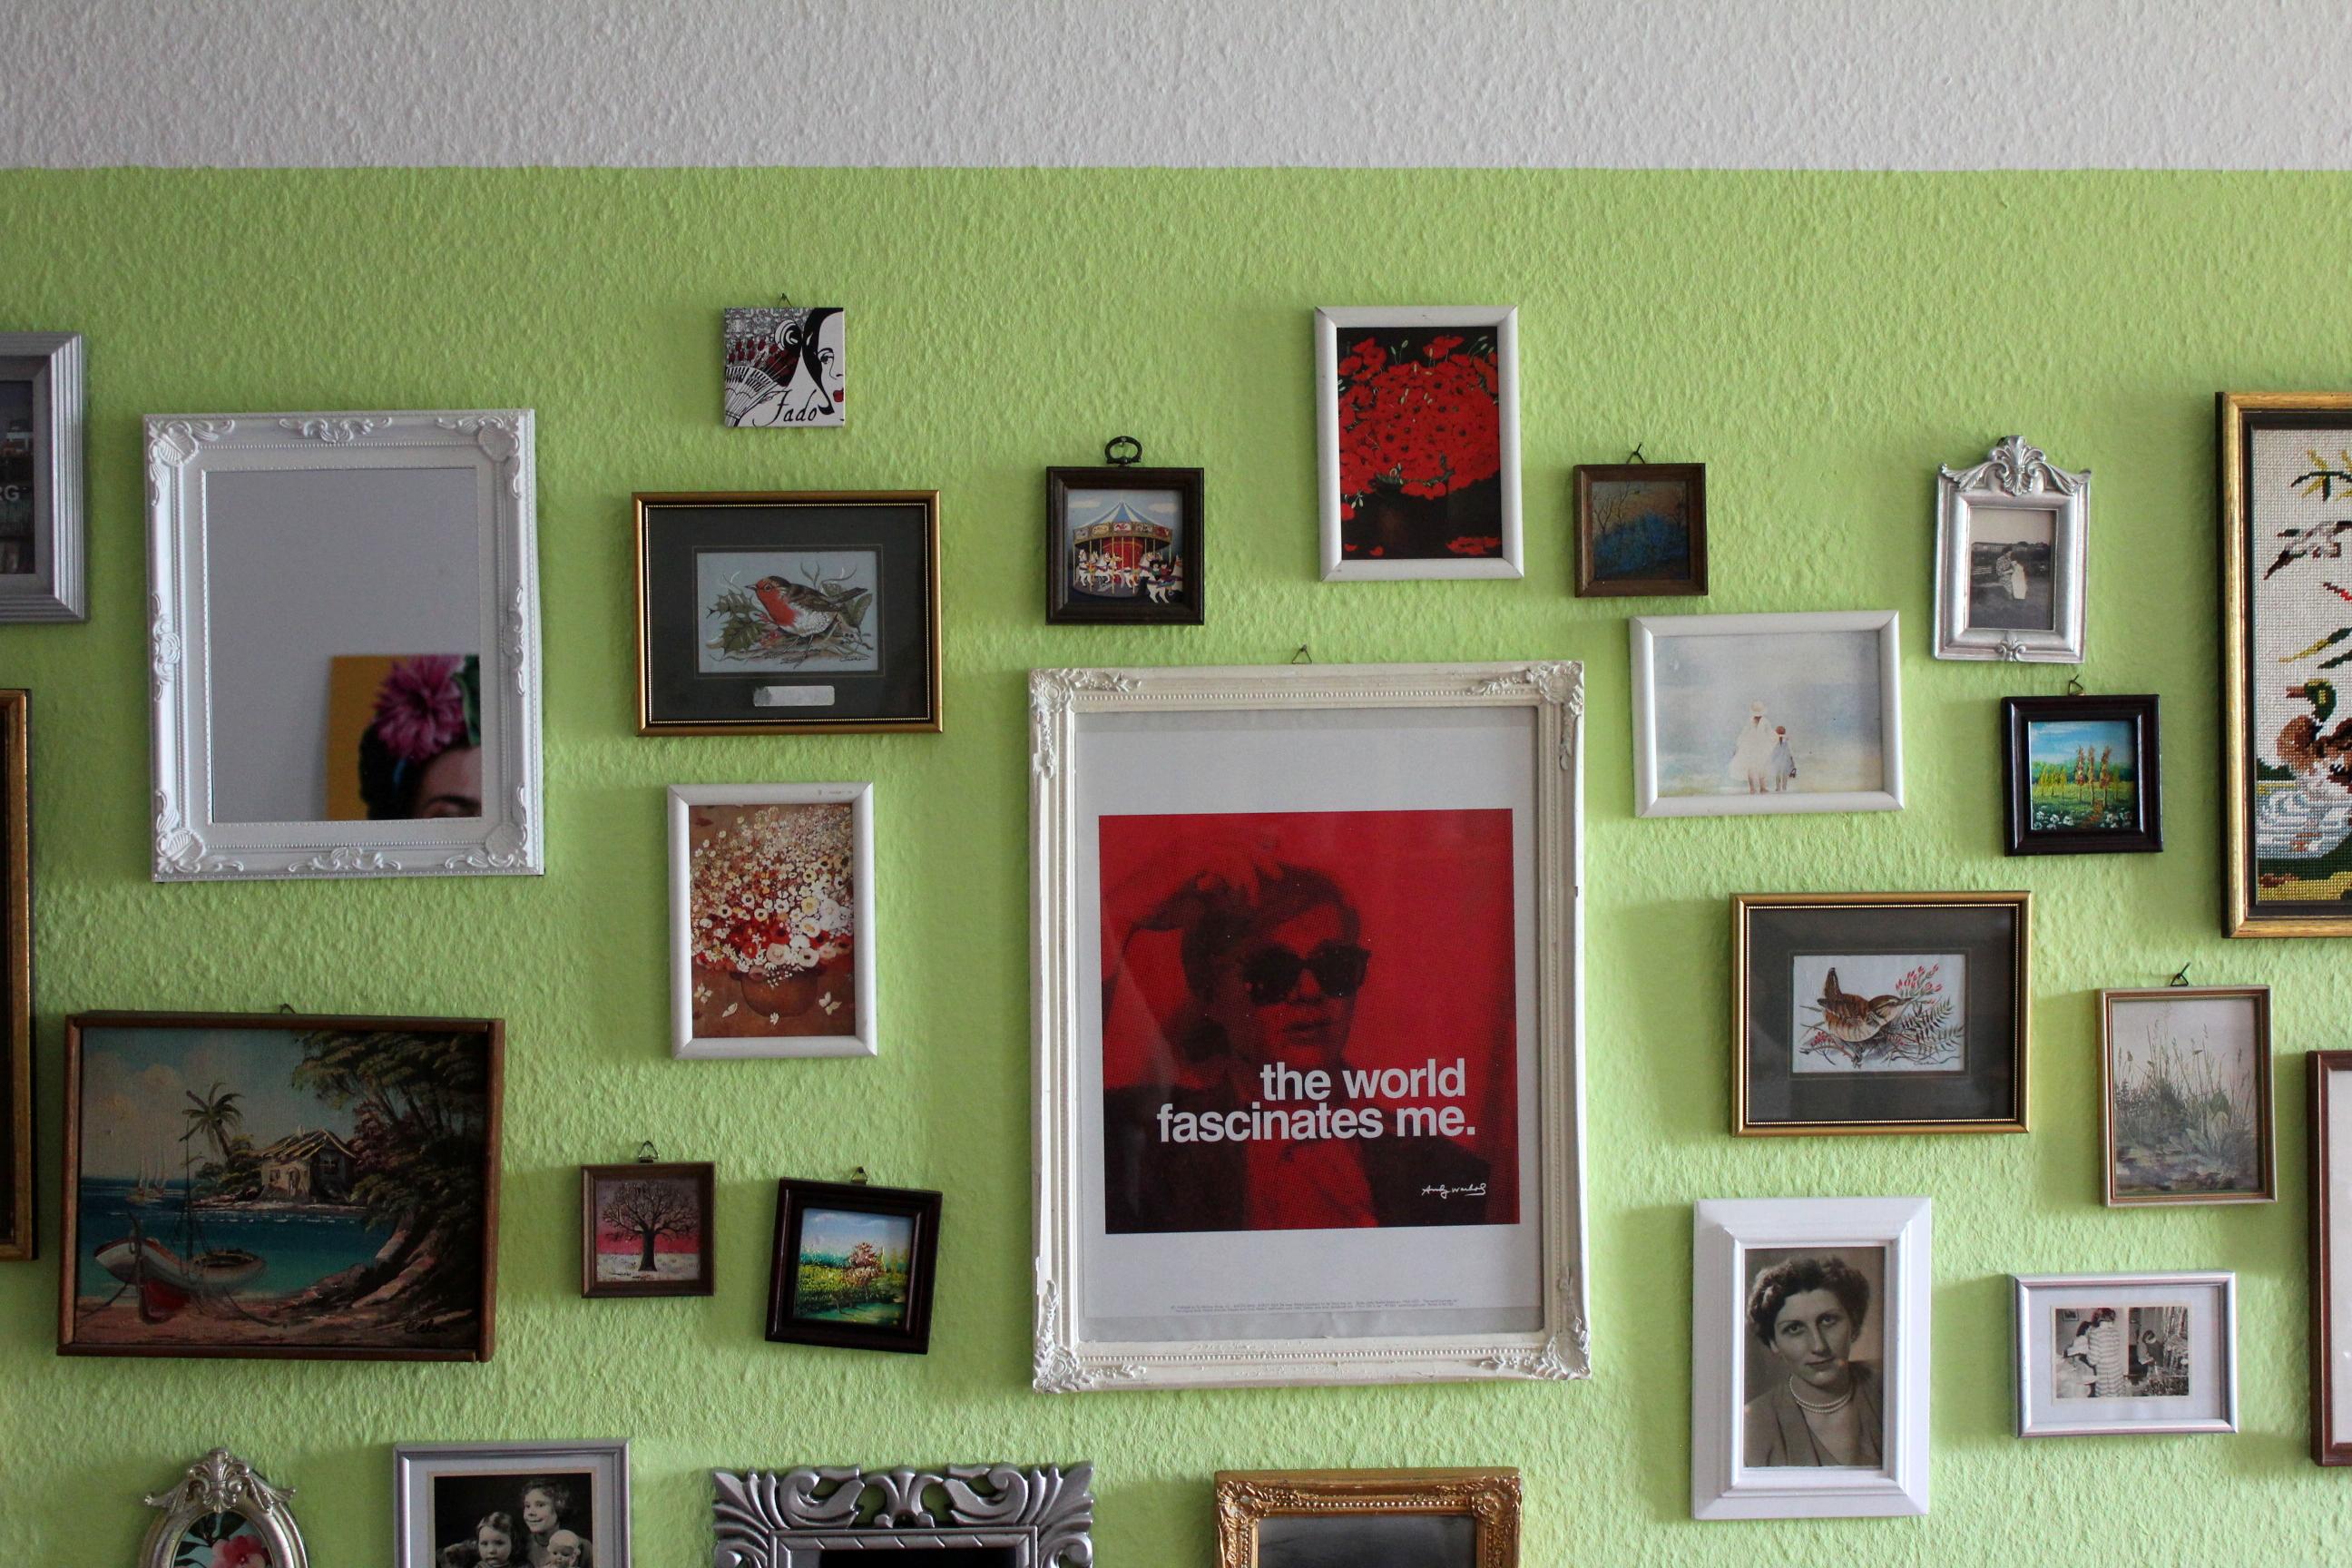 Wand-Umstyling: aus bunt wird schwarz-weiß mit Alpinaweiß ...